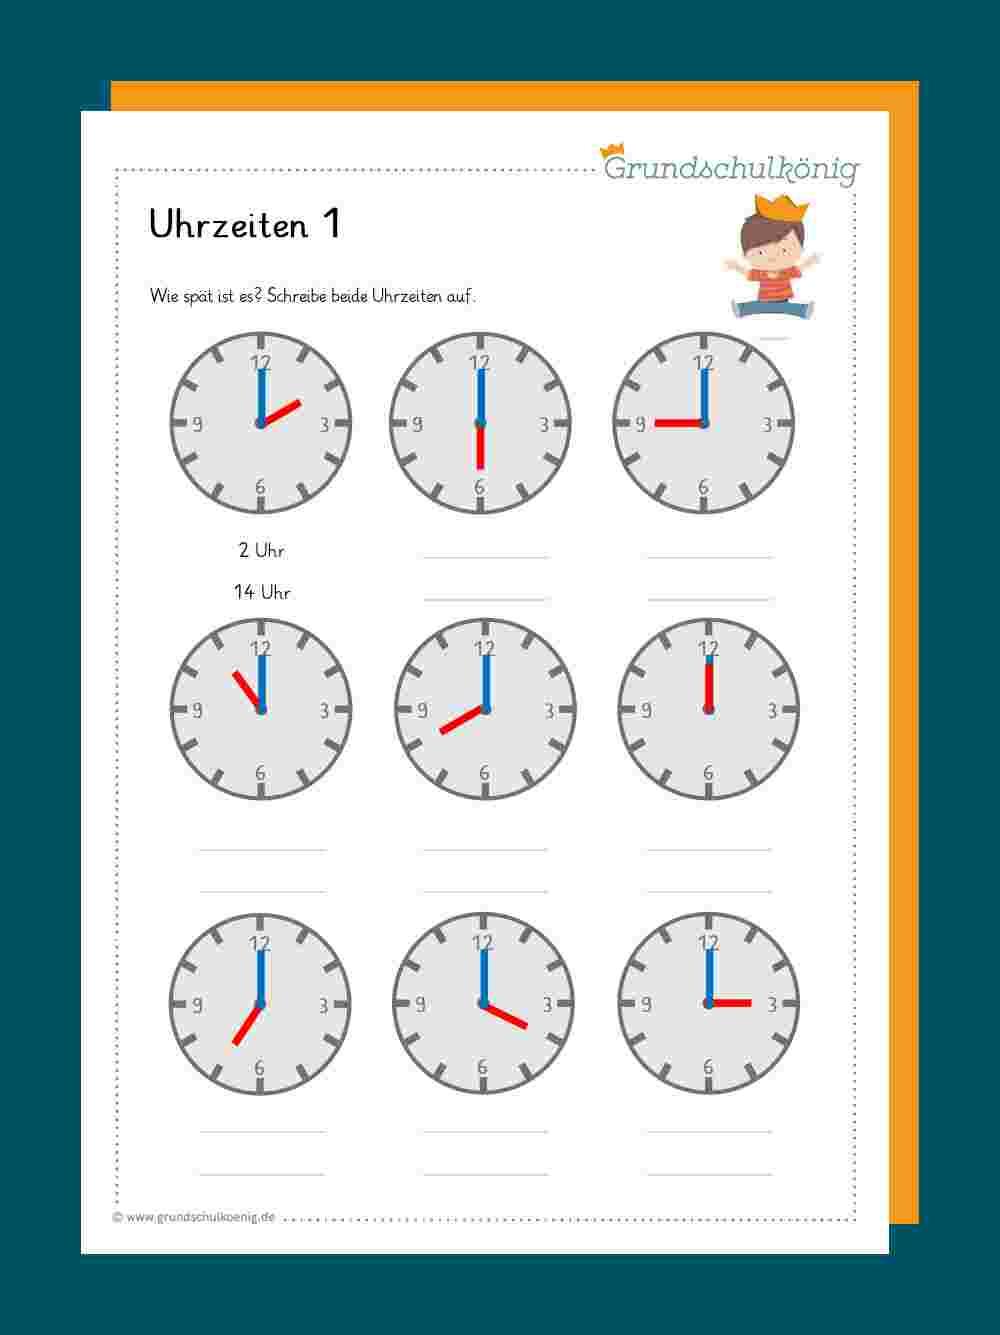 Rechnen mit Uhrzeiten